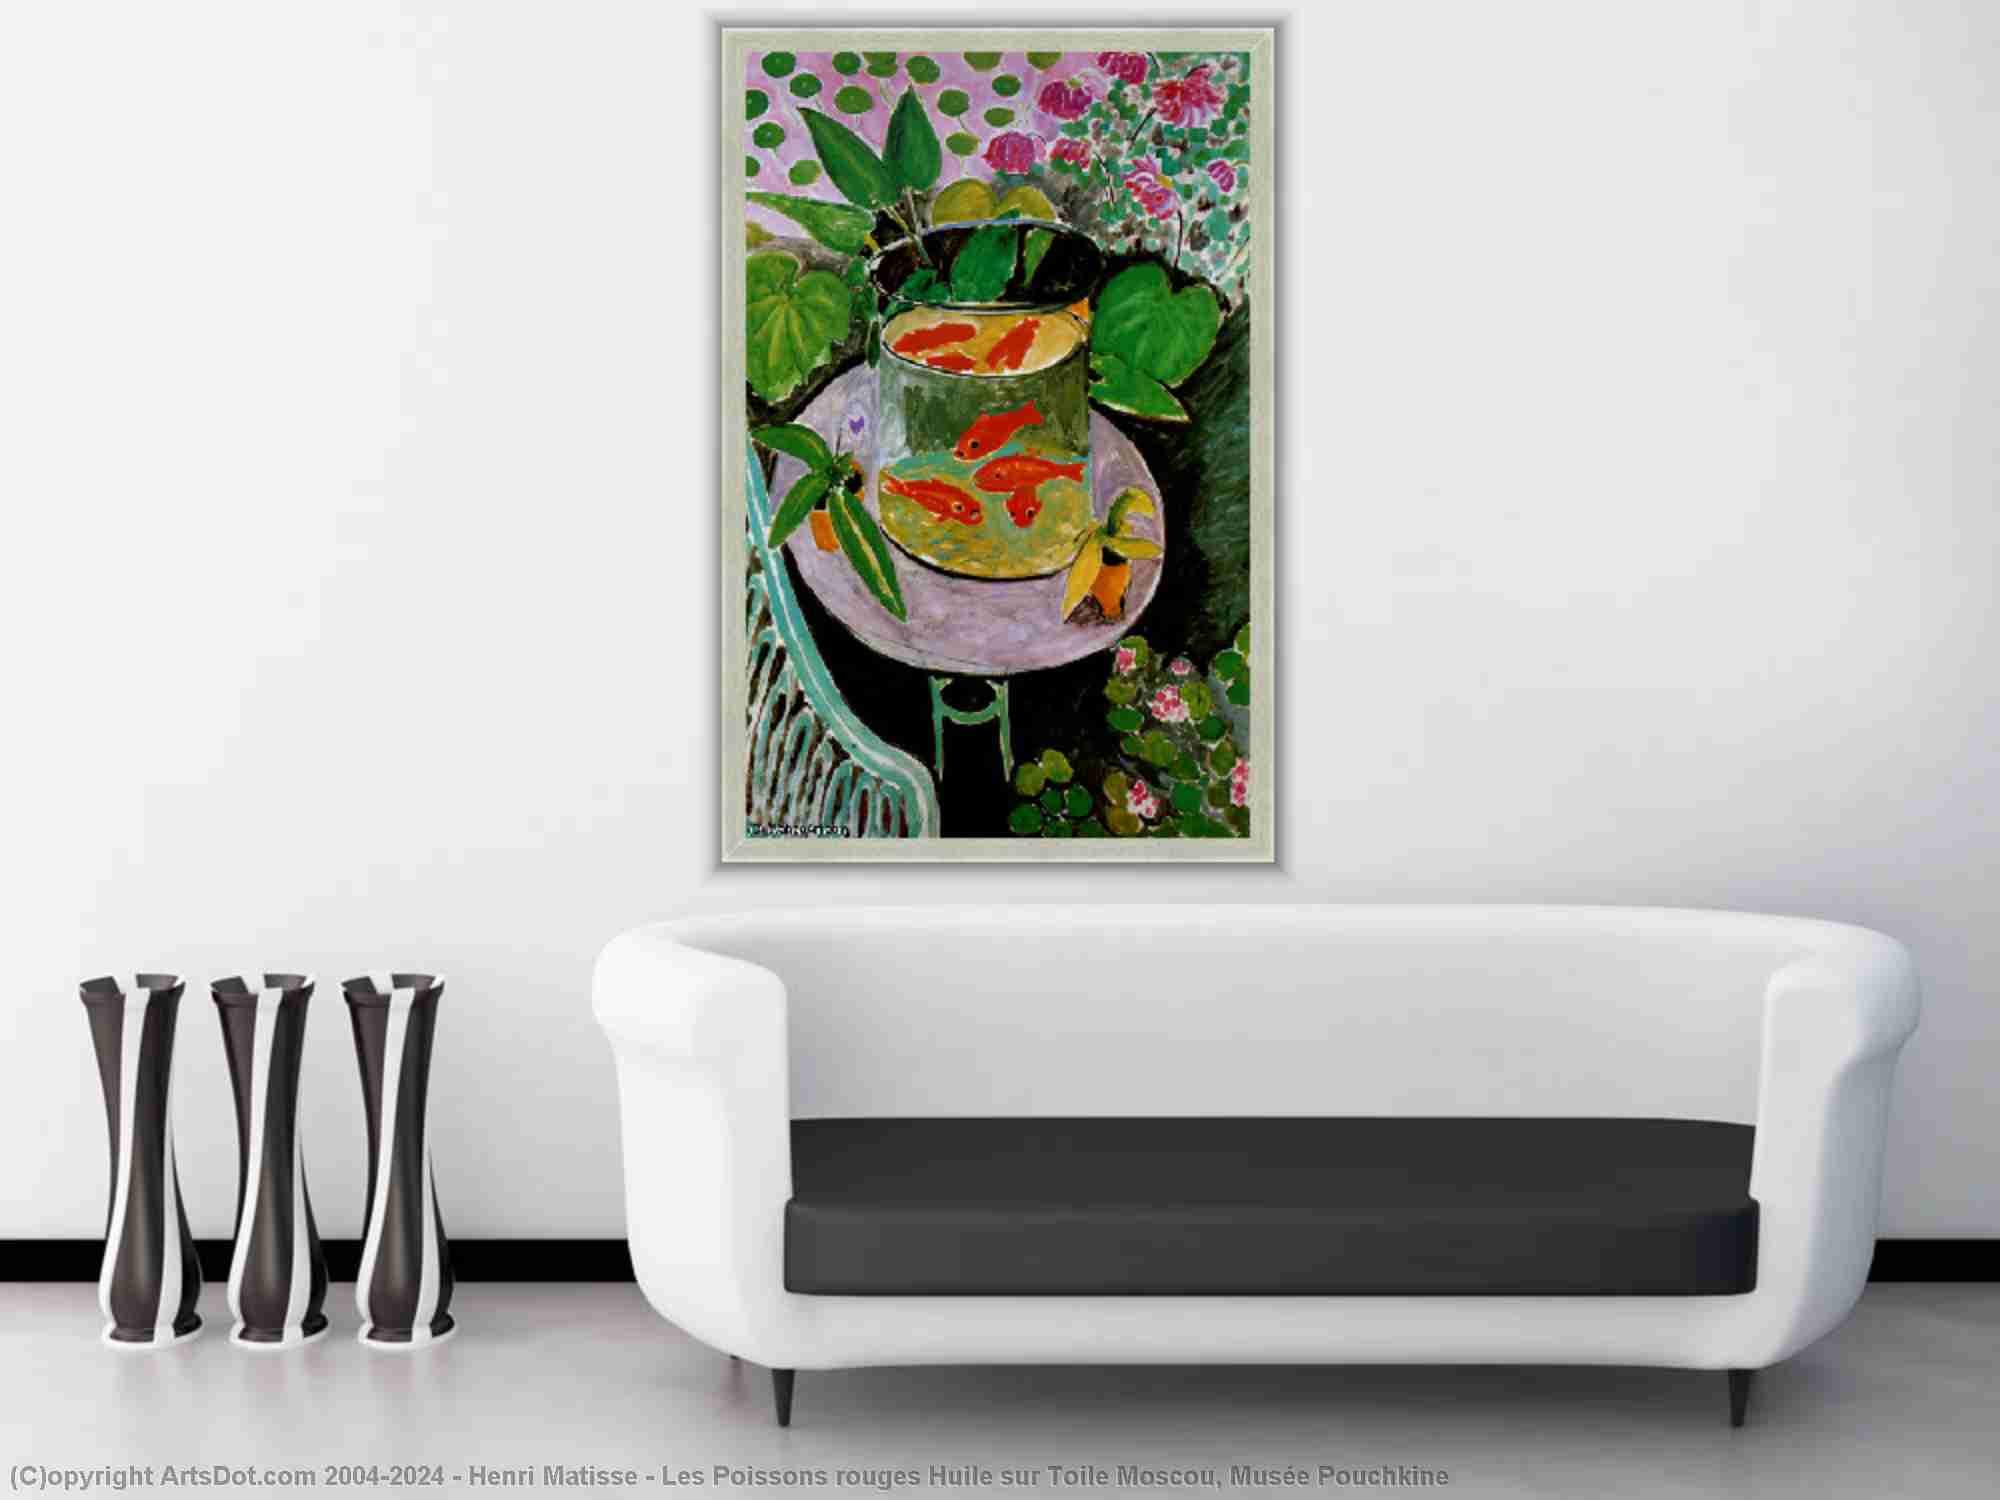 Henri Matisse - Le poisson rouge